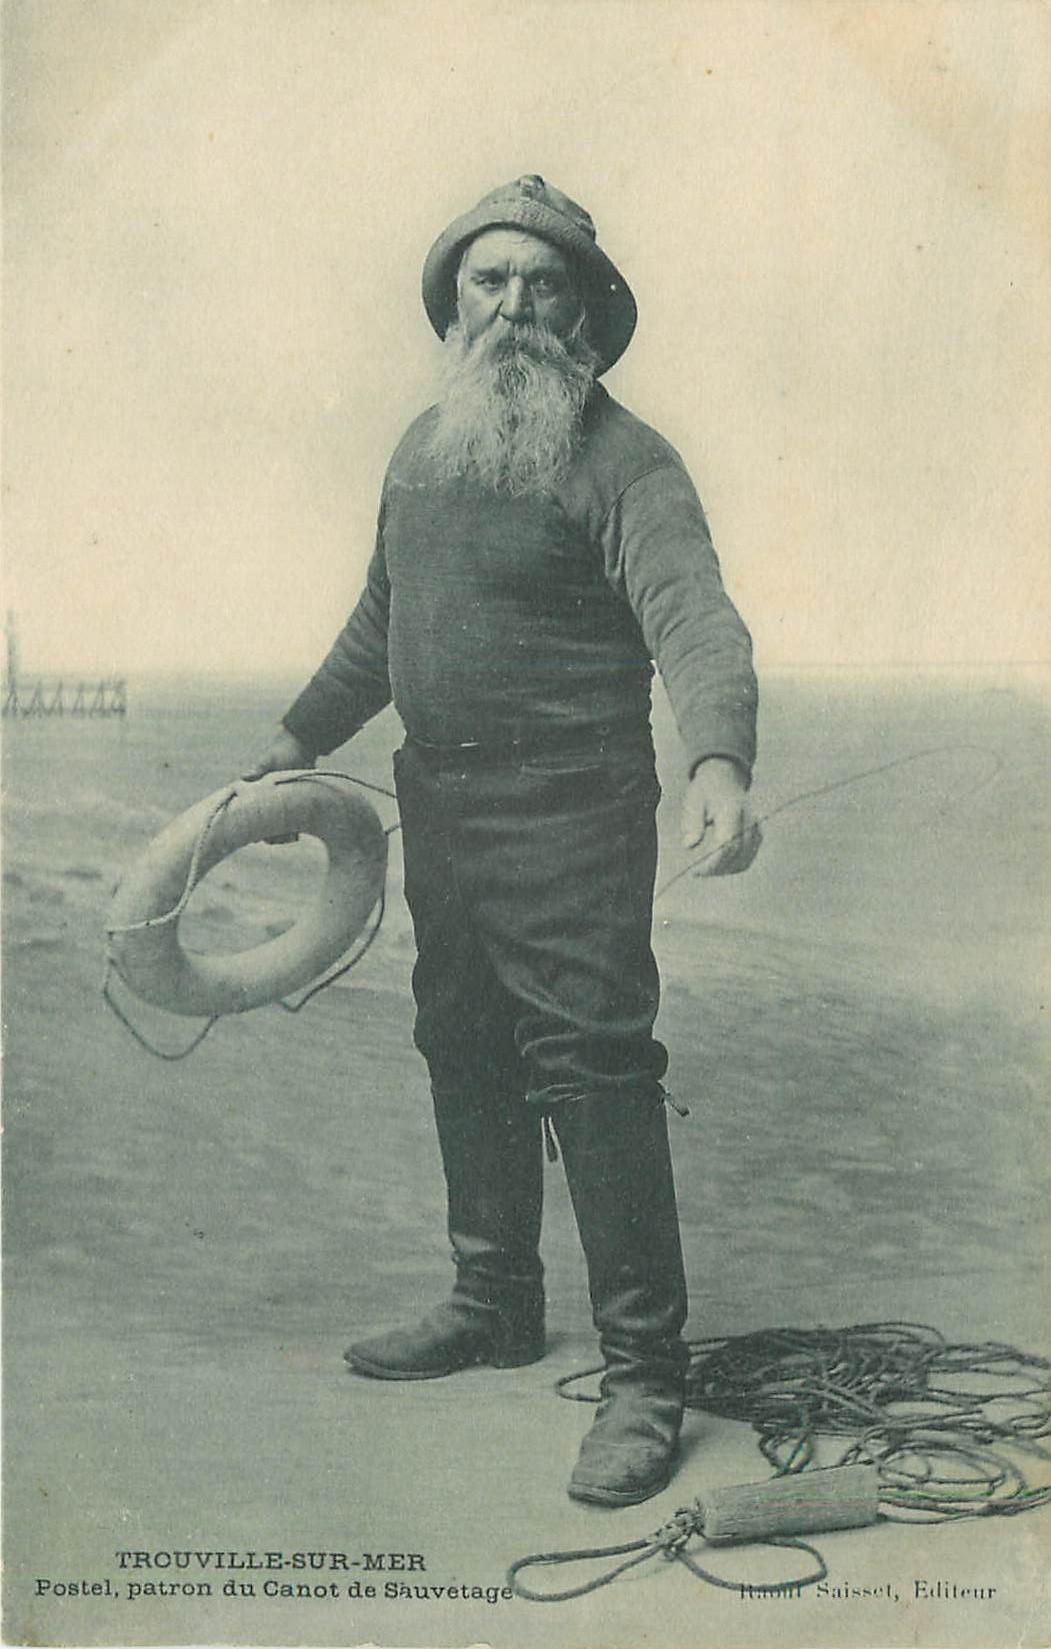 14 TROUVILLE-SUR-MER. Postel Patron du Canot de sauvetage 1905